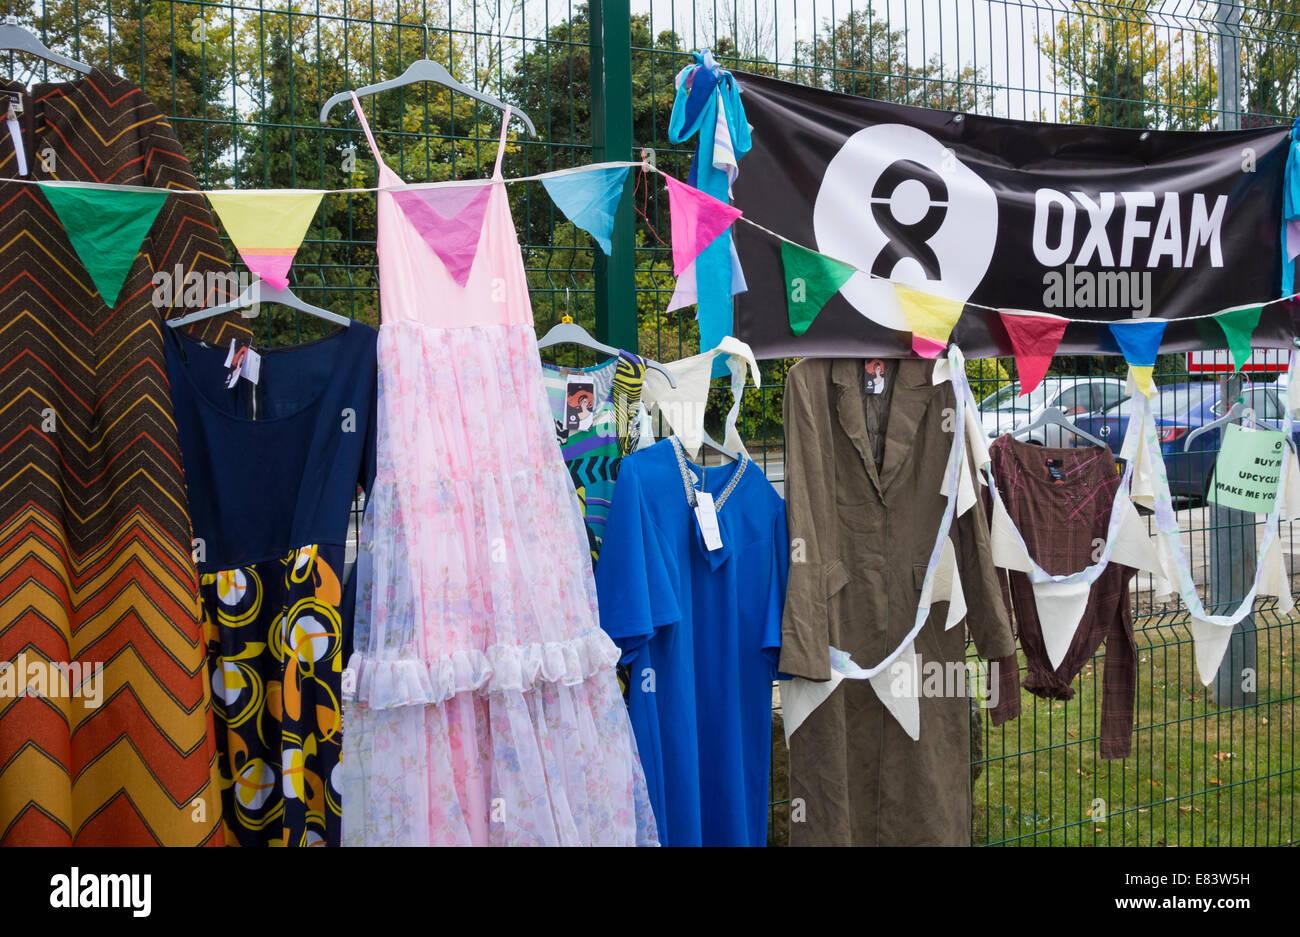 Oxfam-Kleidung stall am Festival der Sparsamkeit, Lingfield Punkt, Darlington, England, UK Stockbild